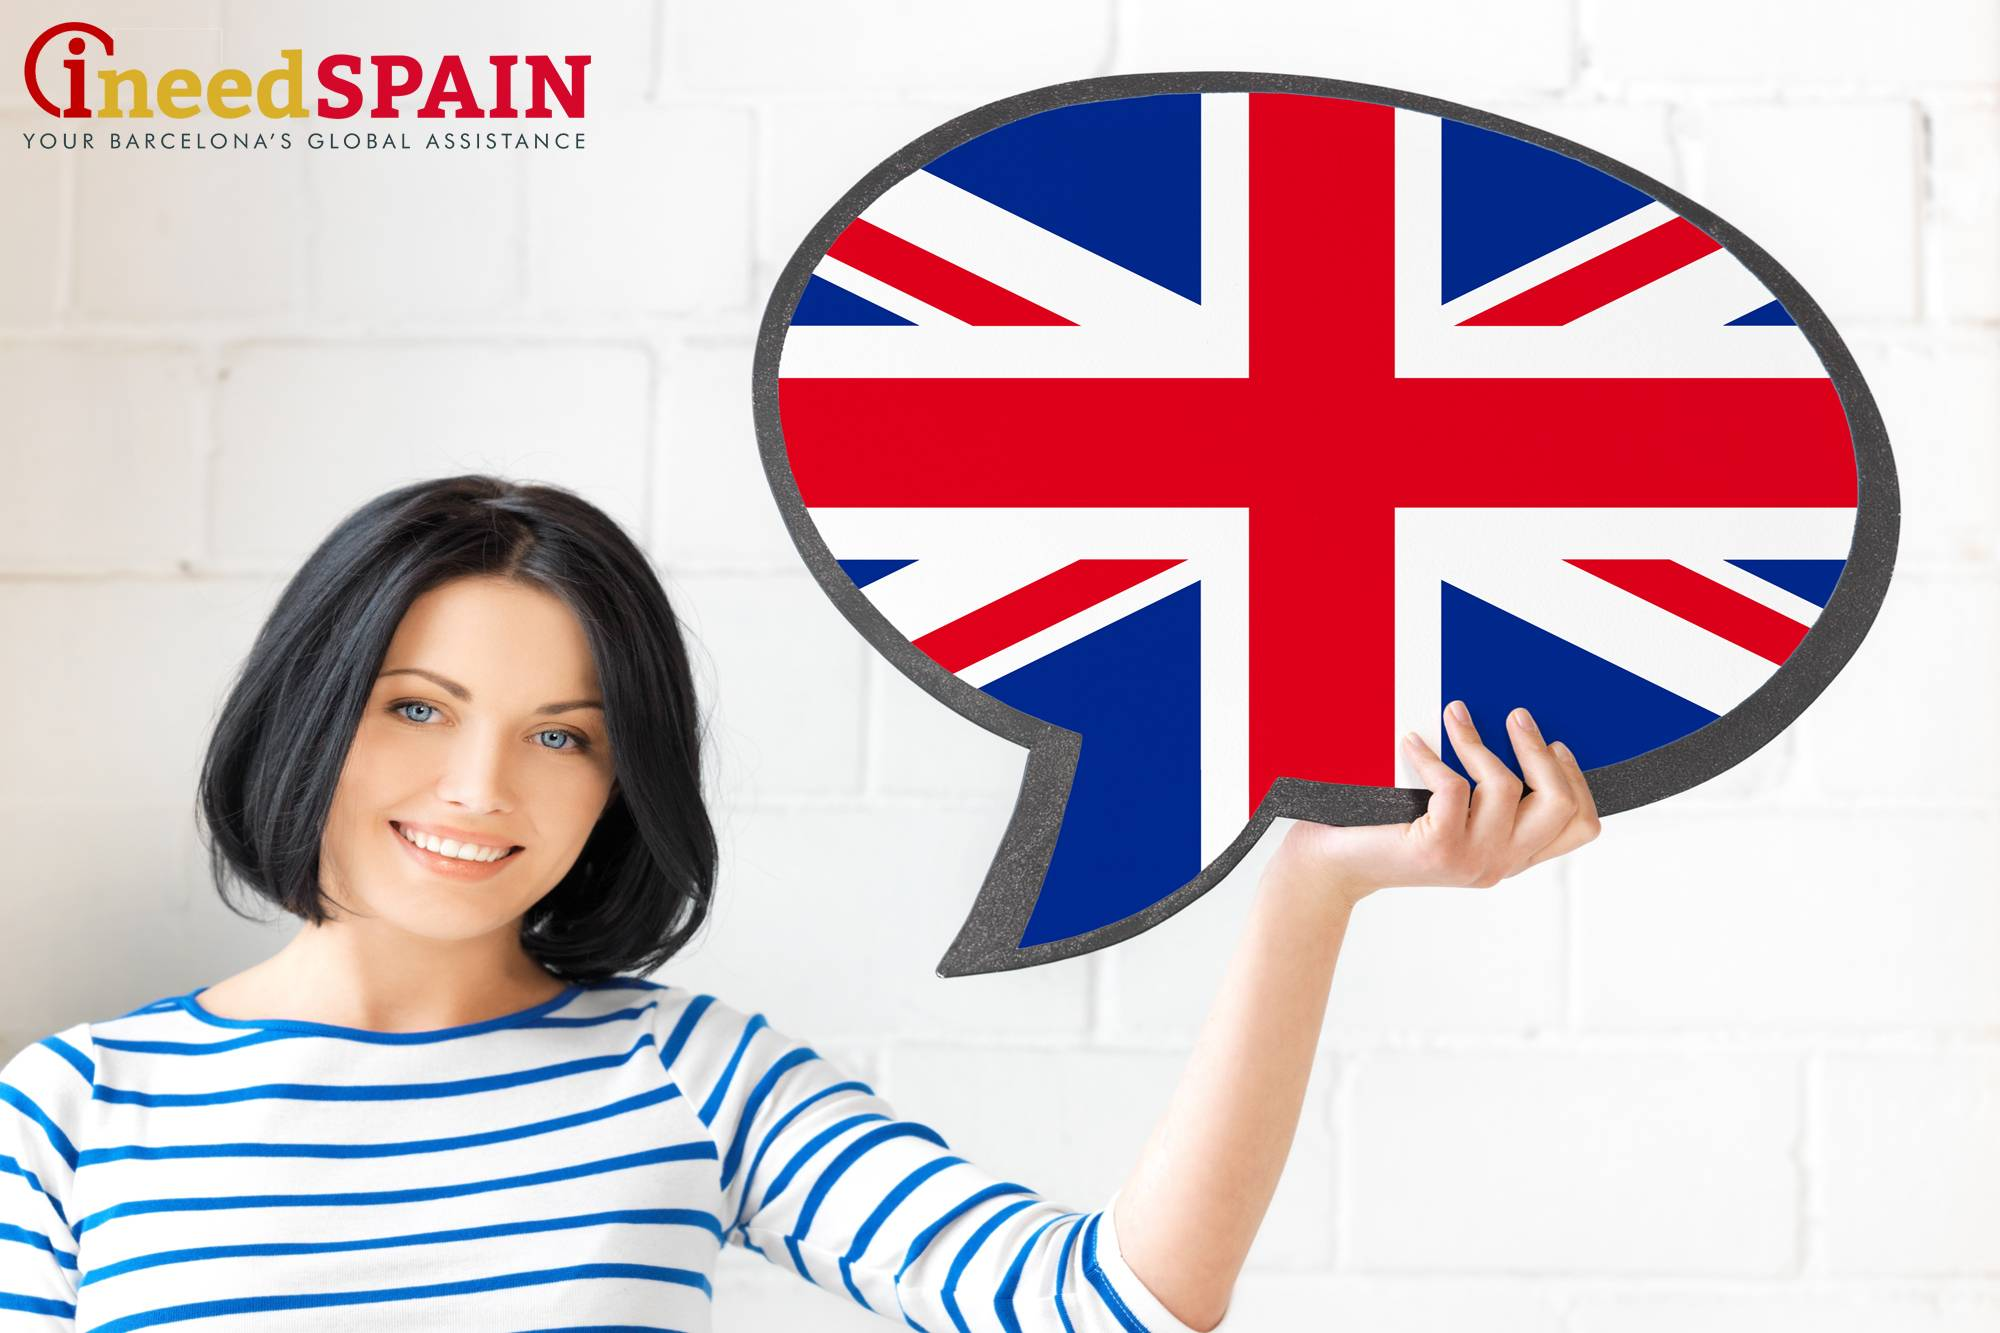 8 самых интересных образовательных курсов в испании в 2019 году. испания по-русски - все о жизни в испании